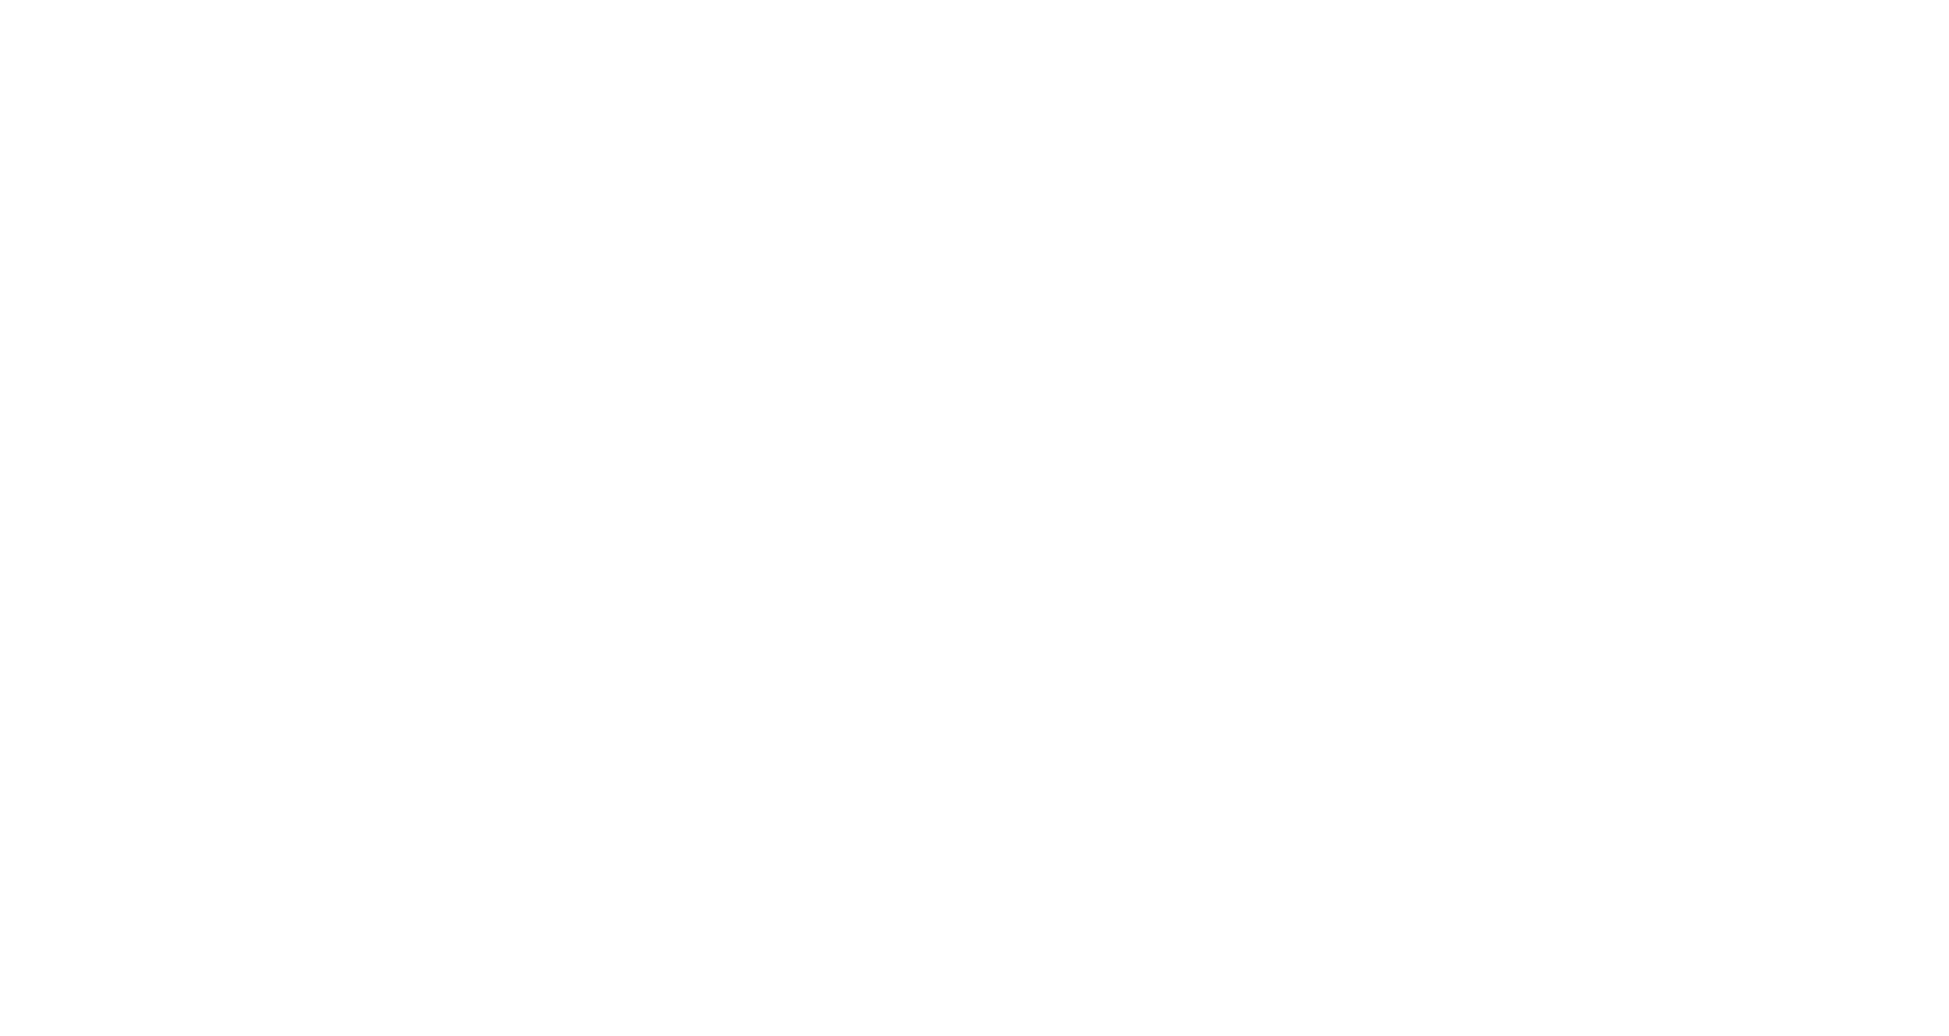 Закон о внесении изменений в Стратегию-2030